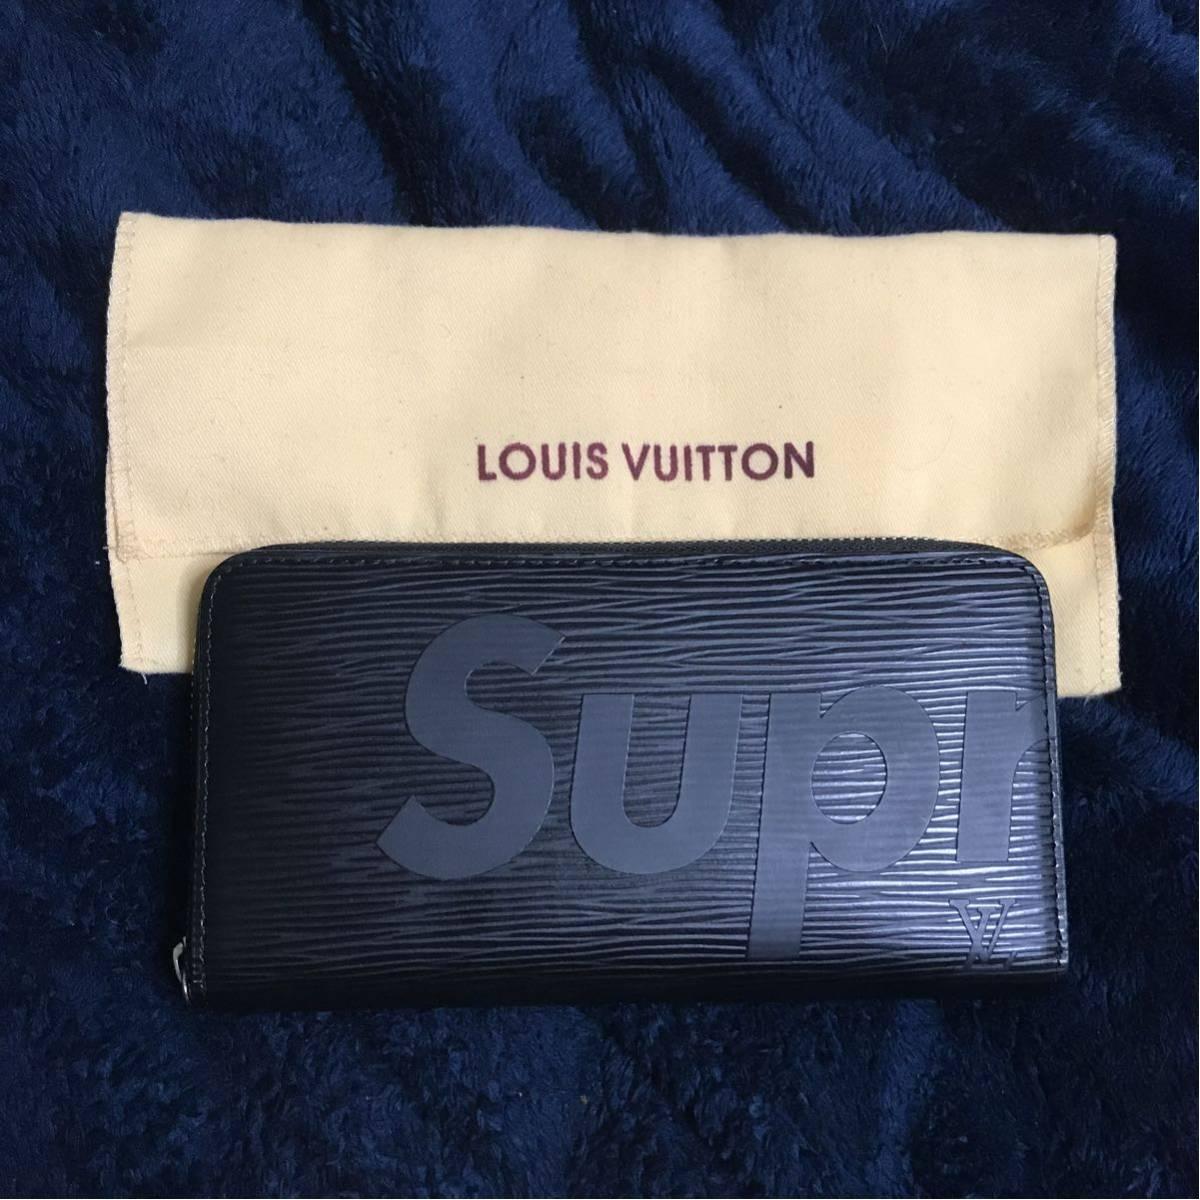 LOUISの情報